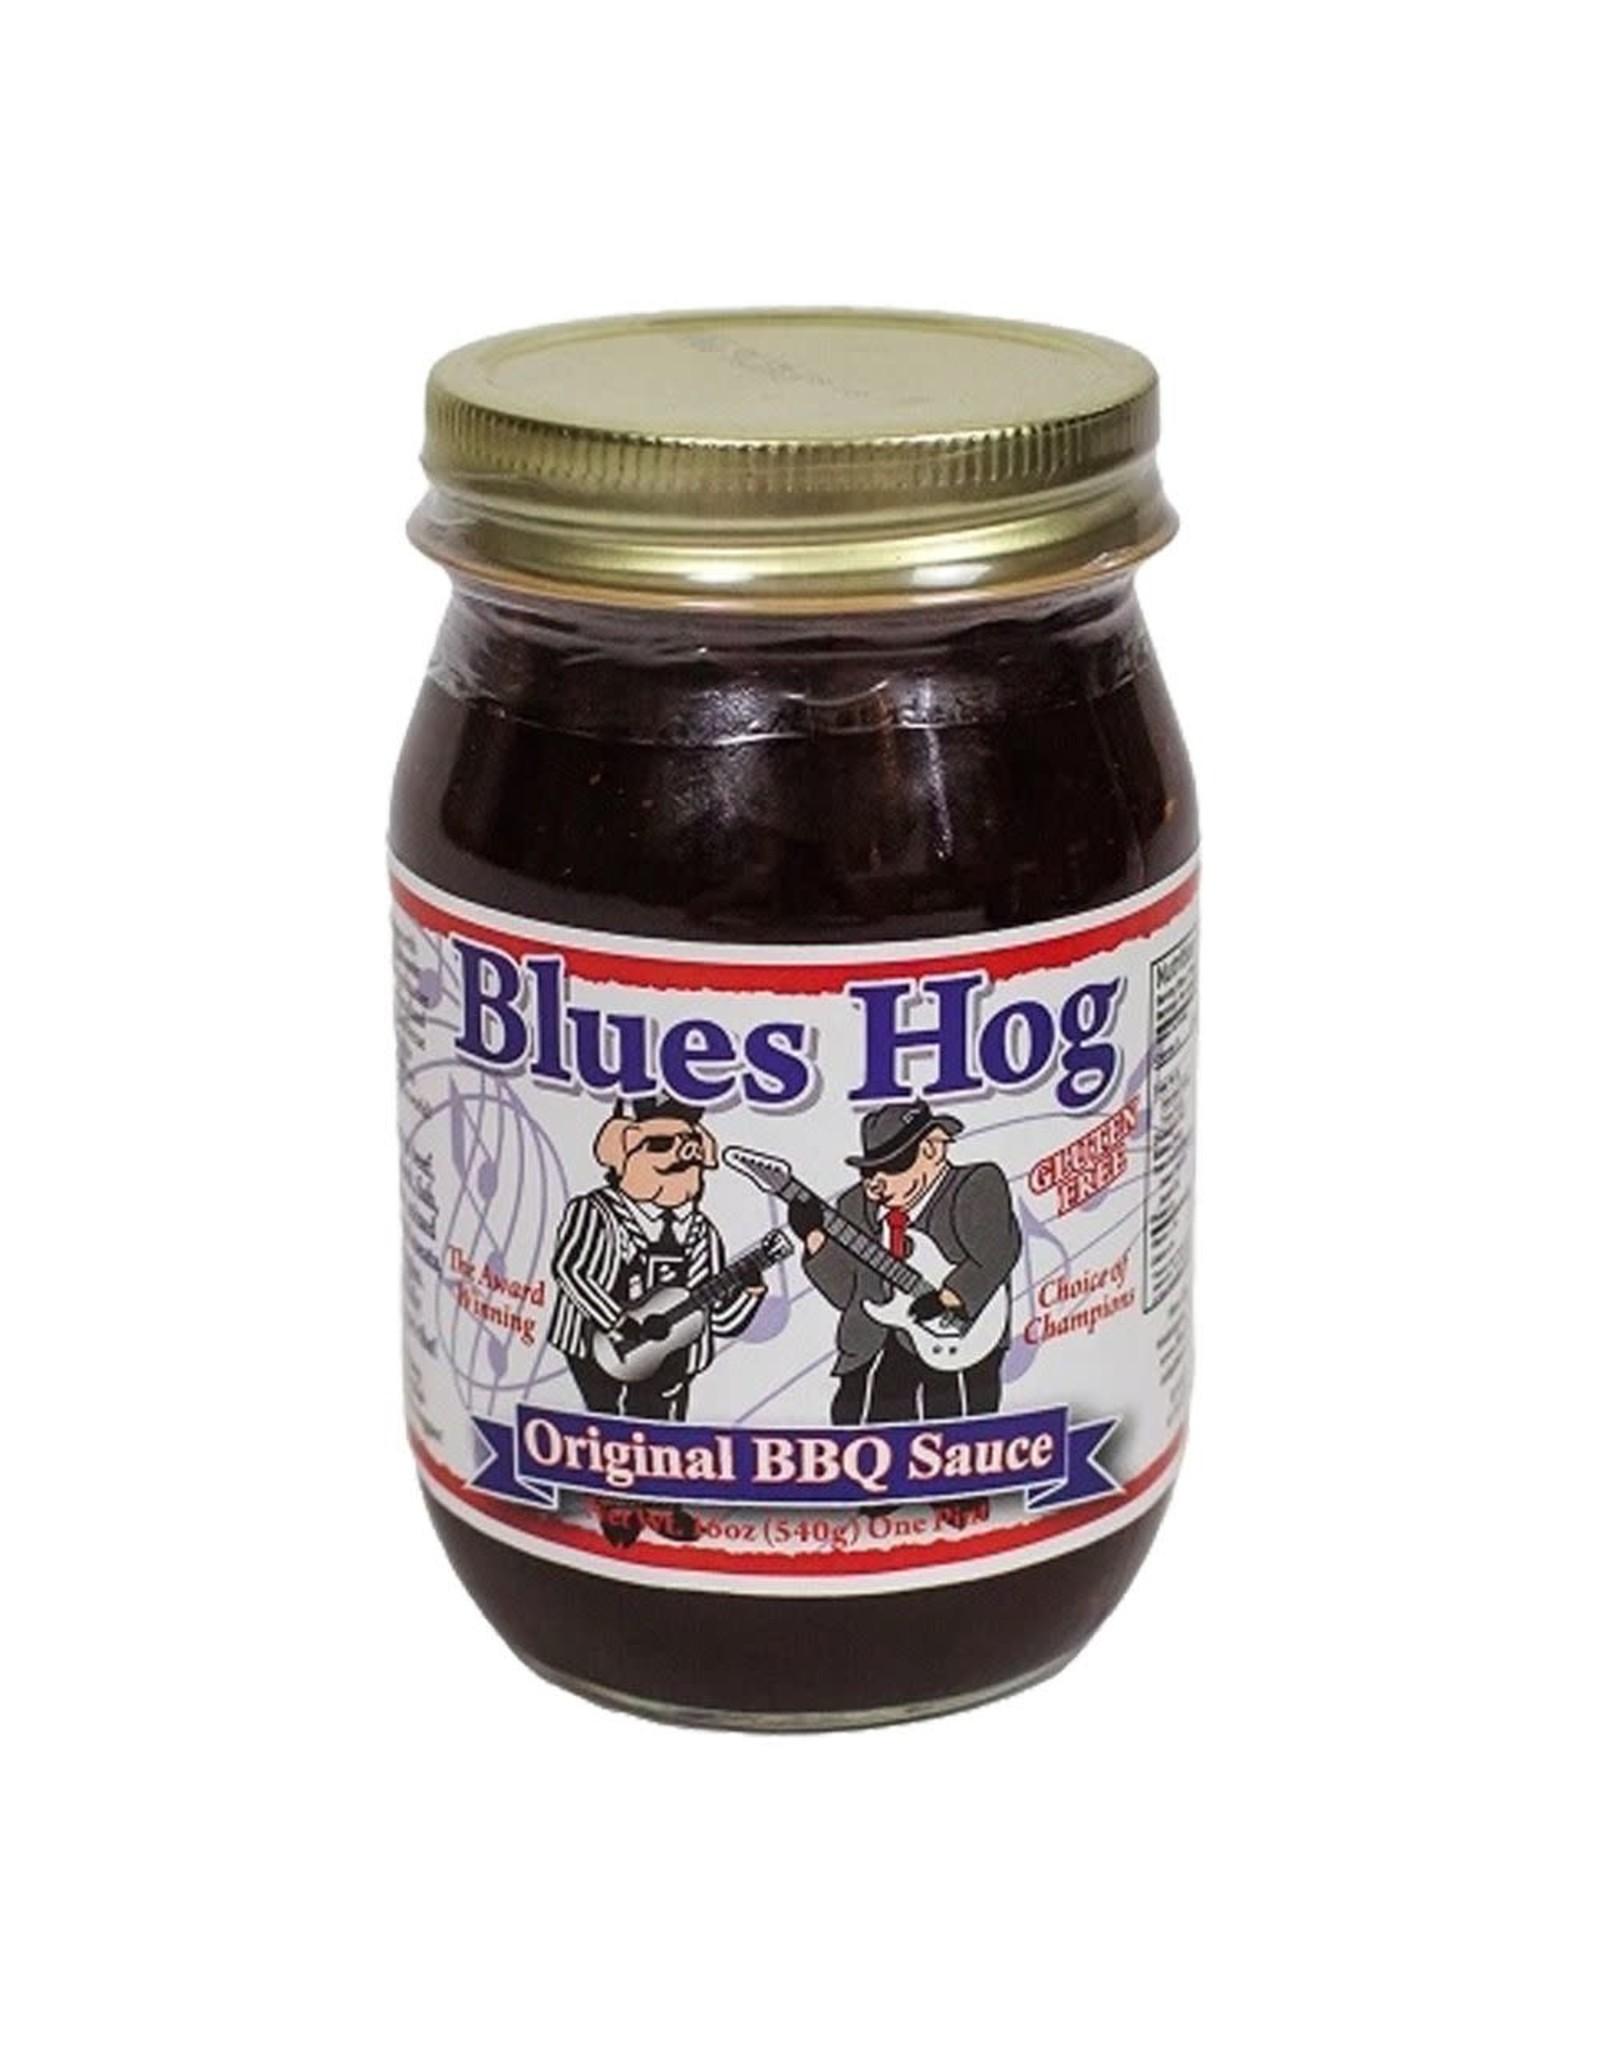 BLUES HOG BLUES HOG ORIGINAL BBQ SAUCE 16 OZ.